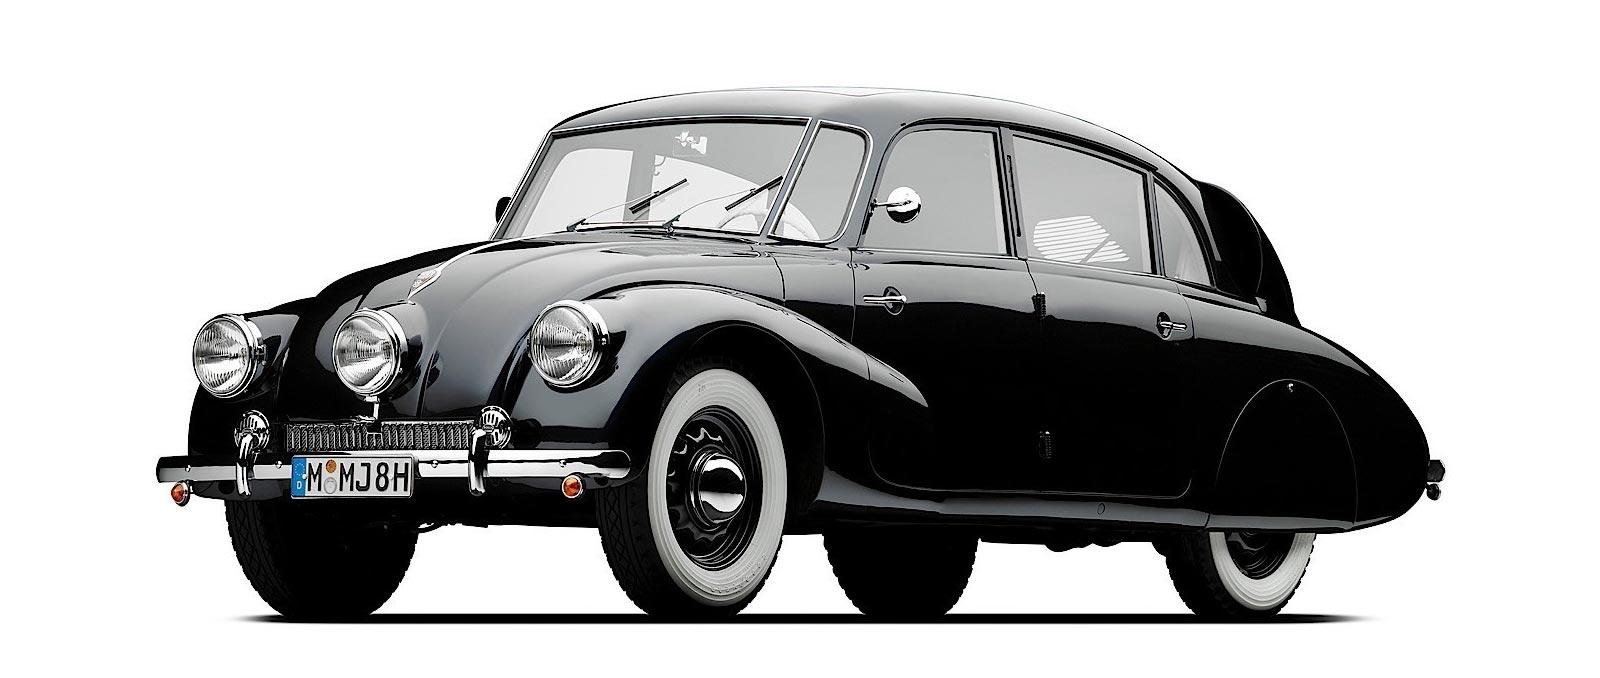 Tatra 87 - The aerodynamic icon